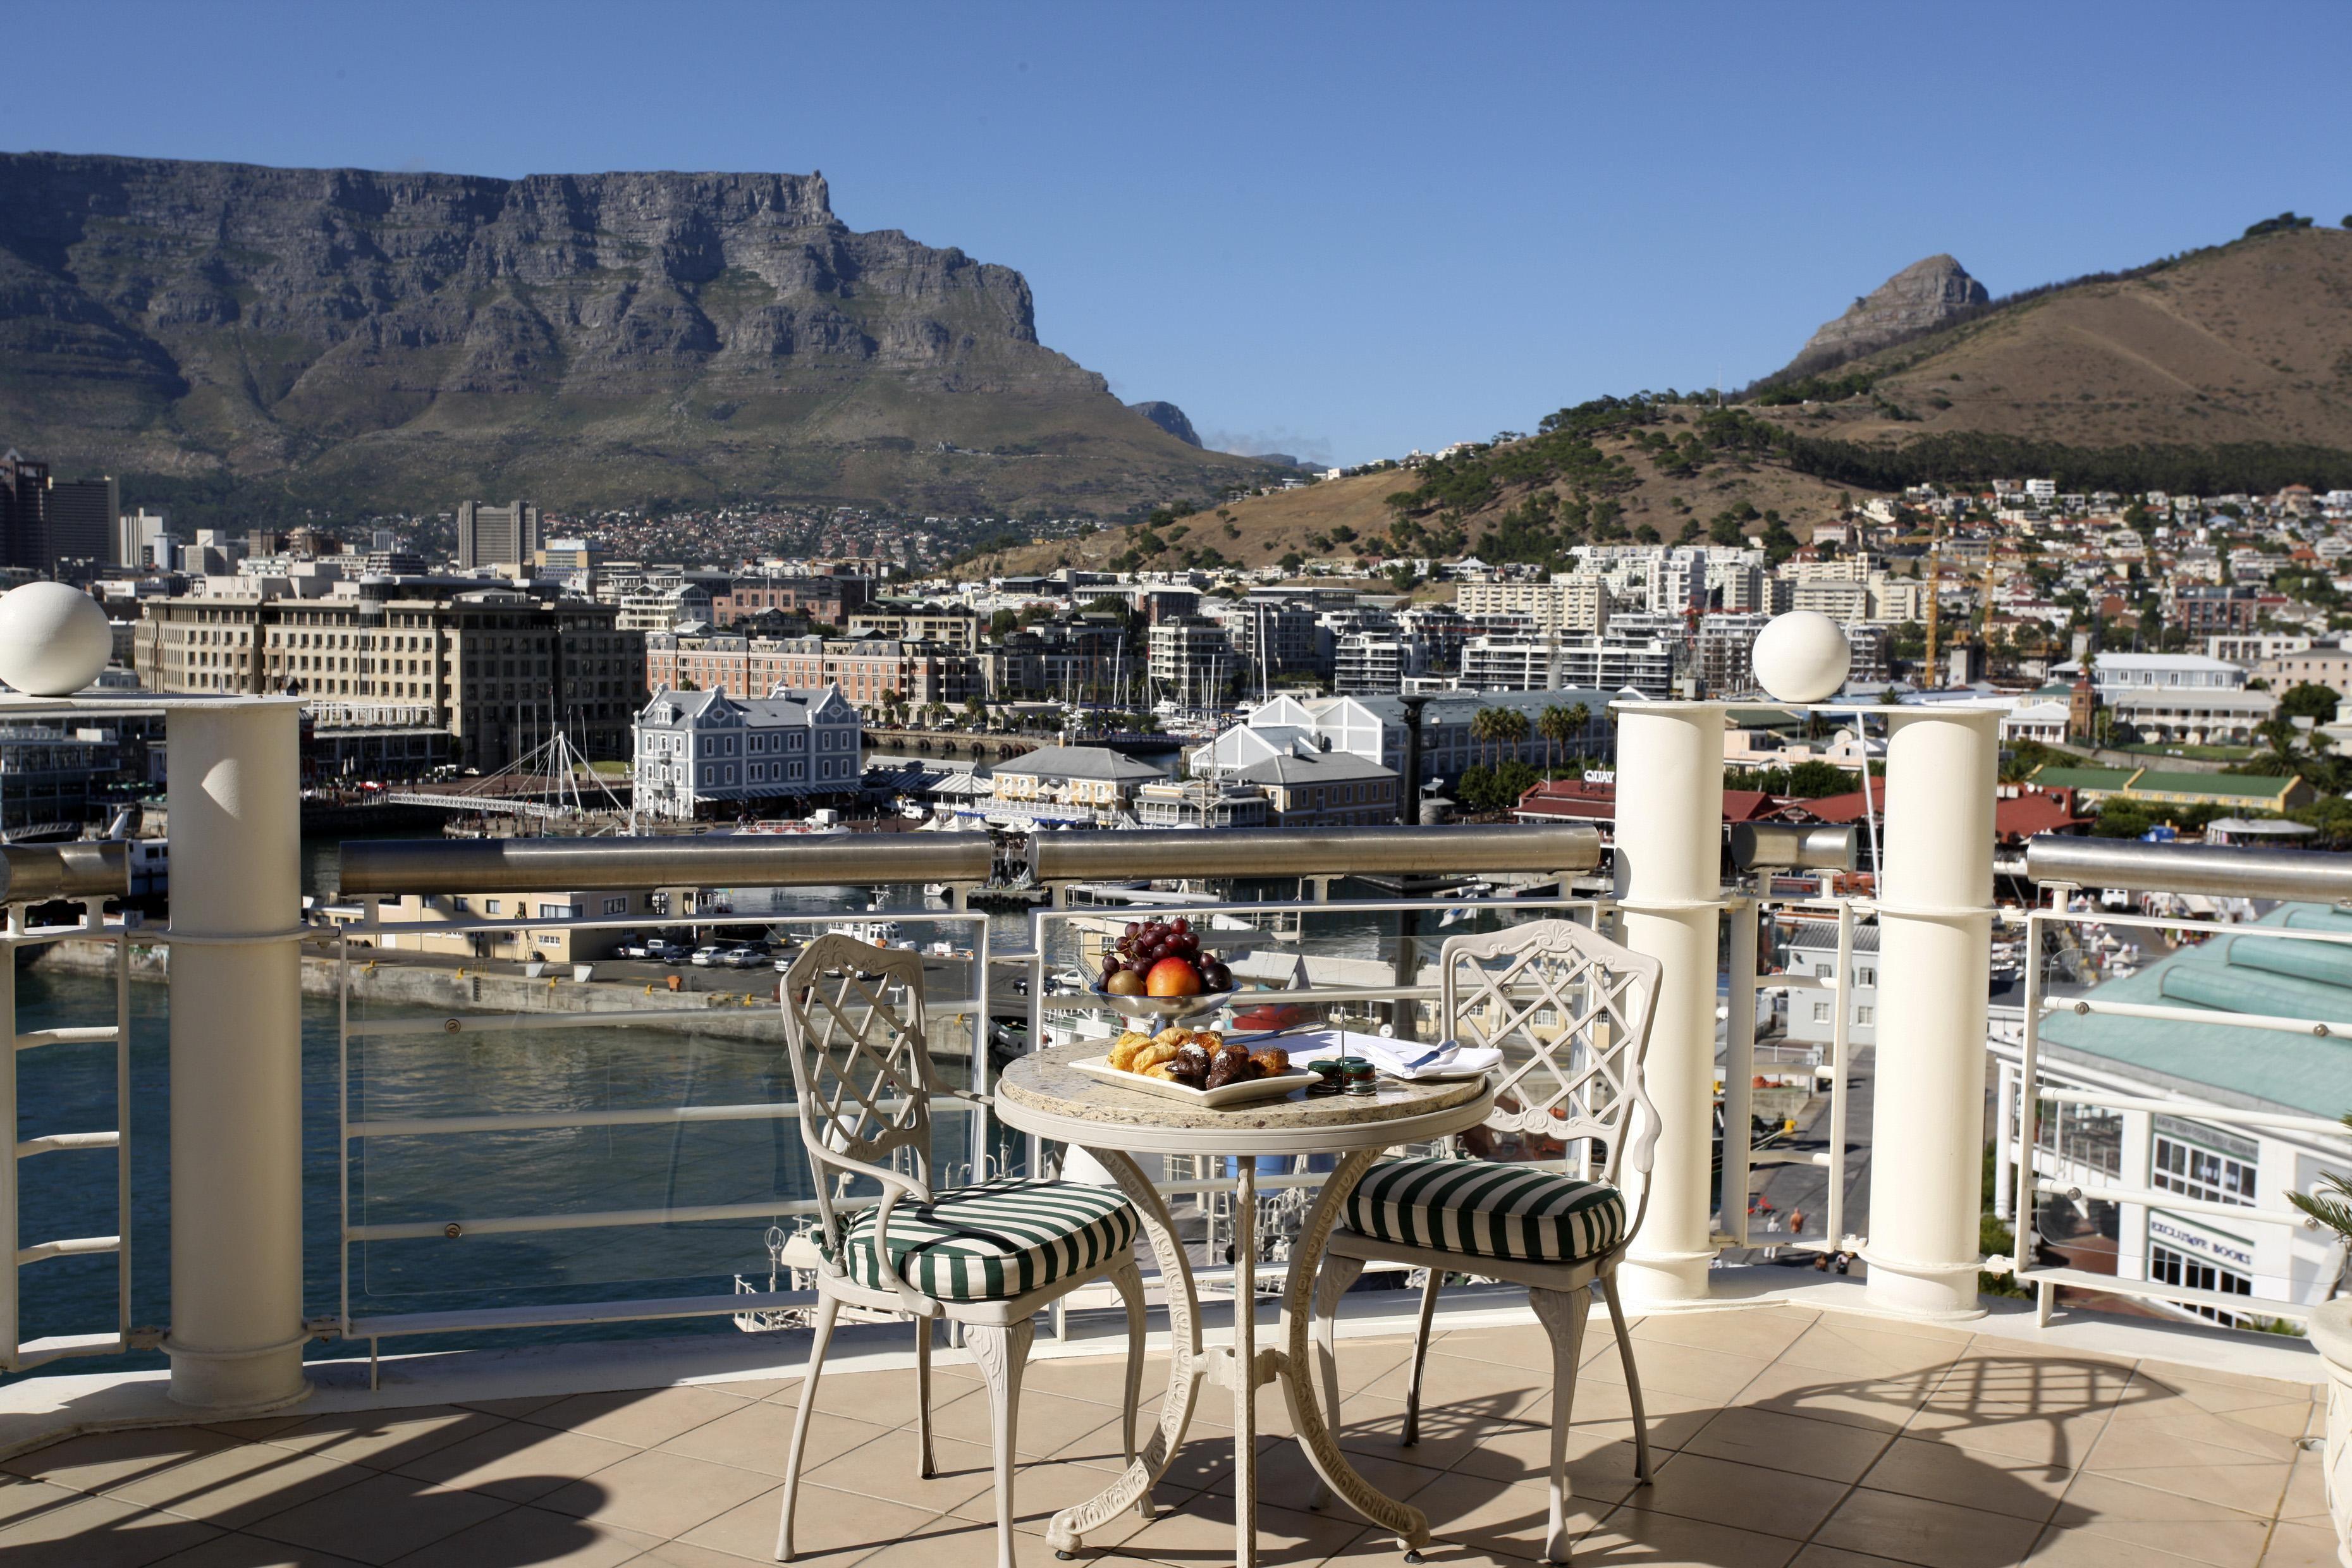 Ein gutes Frühstück und eine schöne Aussicht auf die Mother City; ja so sollte jeder Tag beginnen oder?  (Foto vom Table Bay Hotel)  http://www.kapstadtmagazin.de/5-sterne/The-Table-Bay-Hotel/114_22_18512